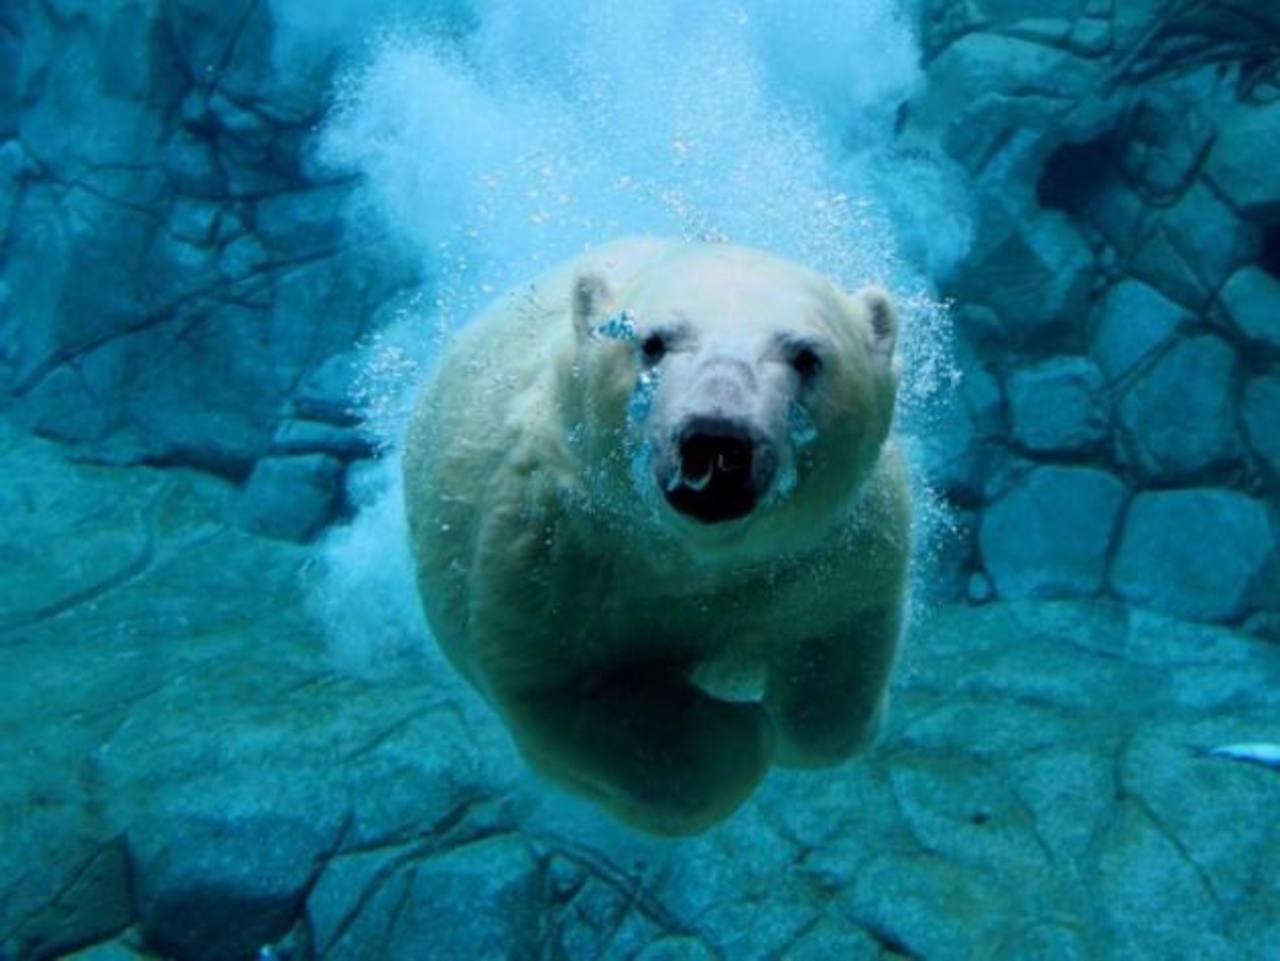 El oso polar es una especie en peligro de extinción debido al calentamiento global.